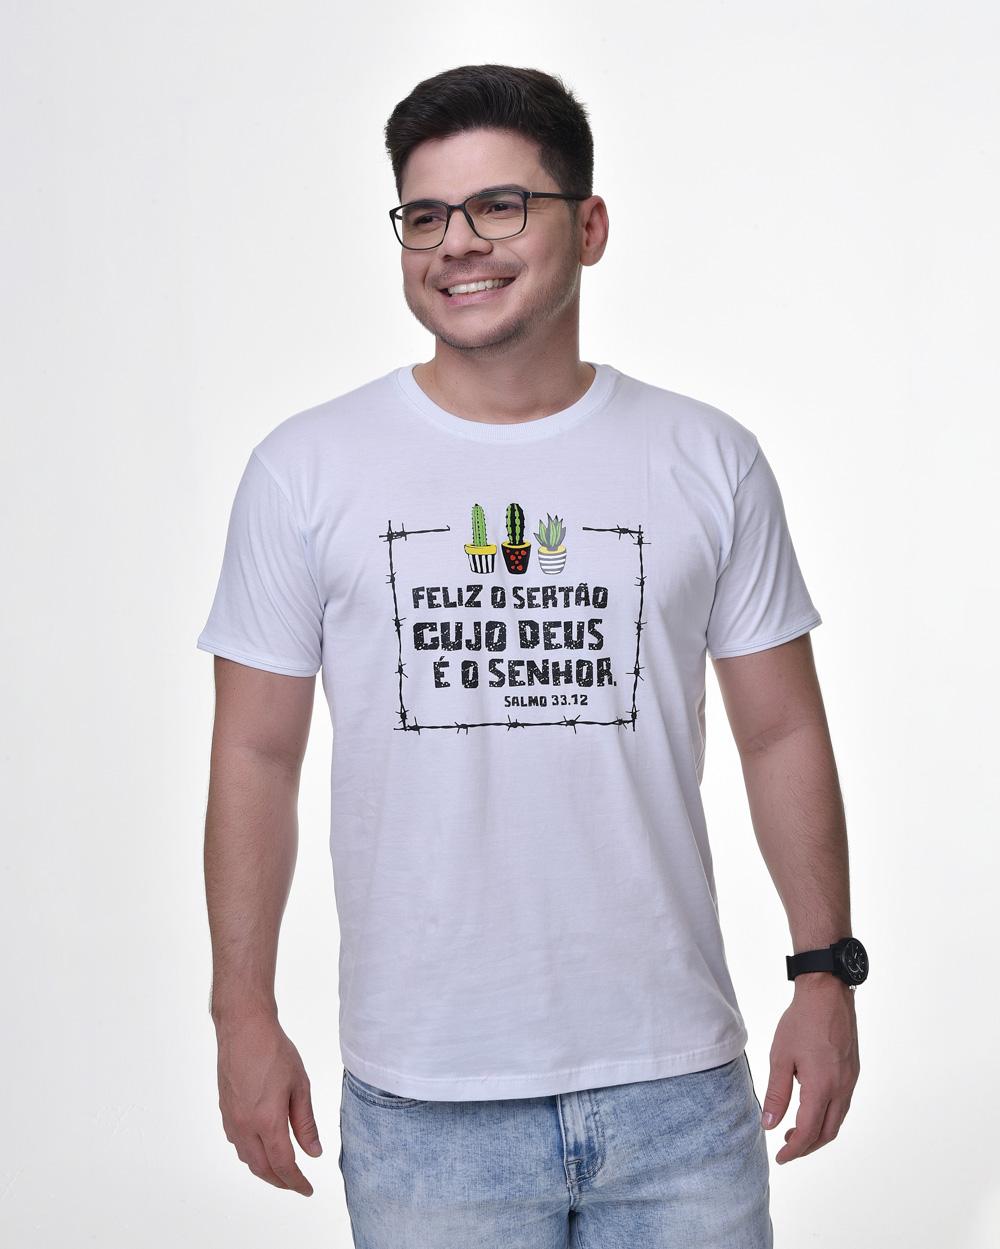 Camiseta Tradicional - Bendito o Sertão 03 (Arame) (Algodão)